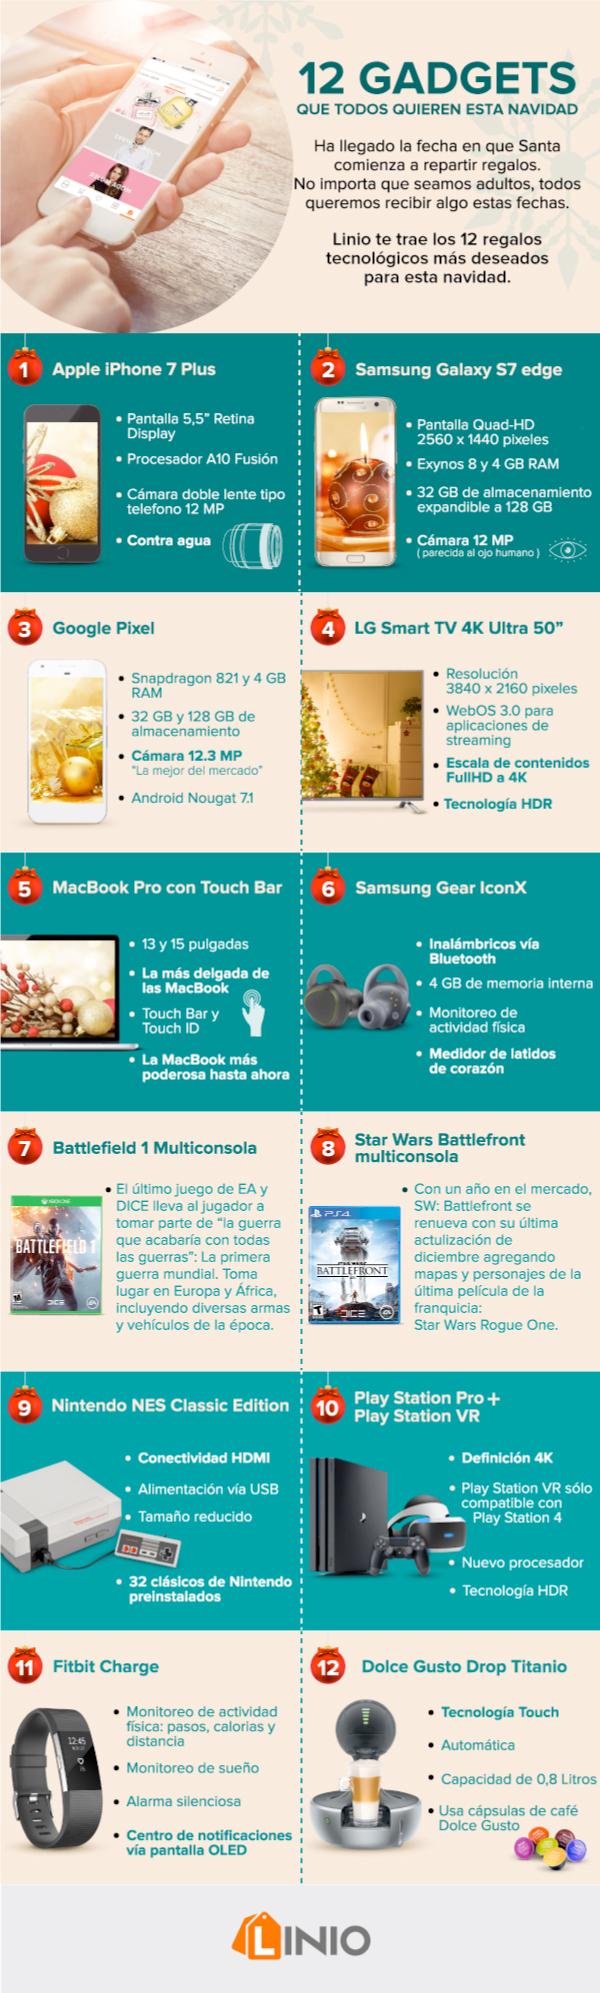 12 Gadgets más deseados esta Navidad - navidad-gadgets-full-1